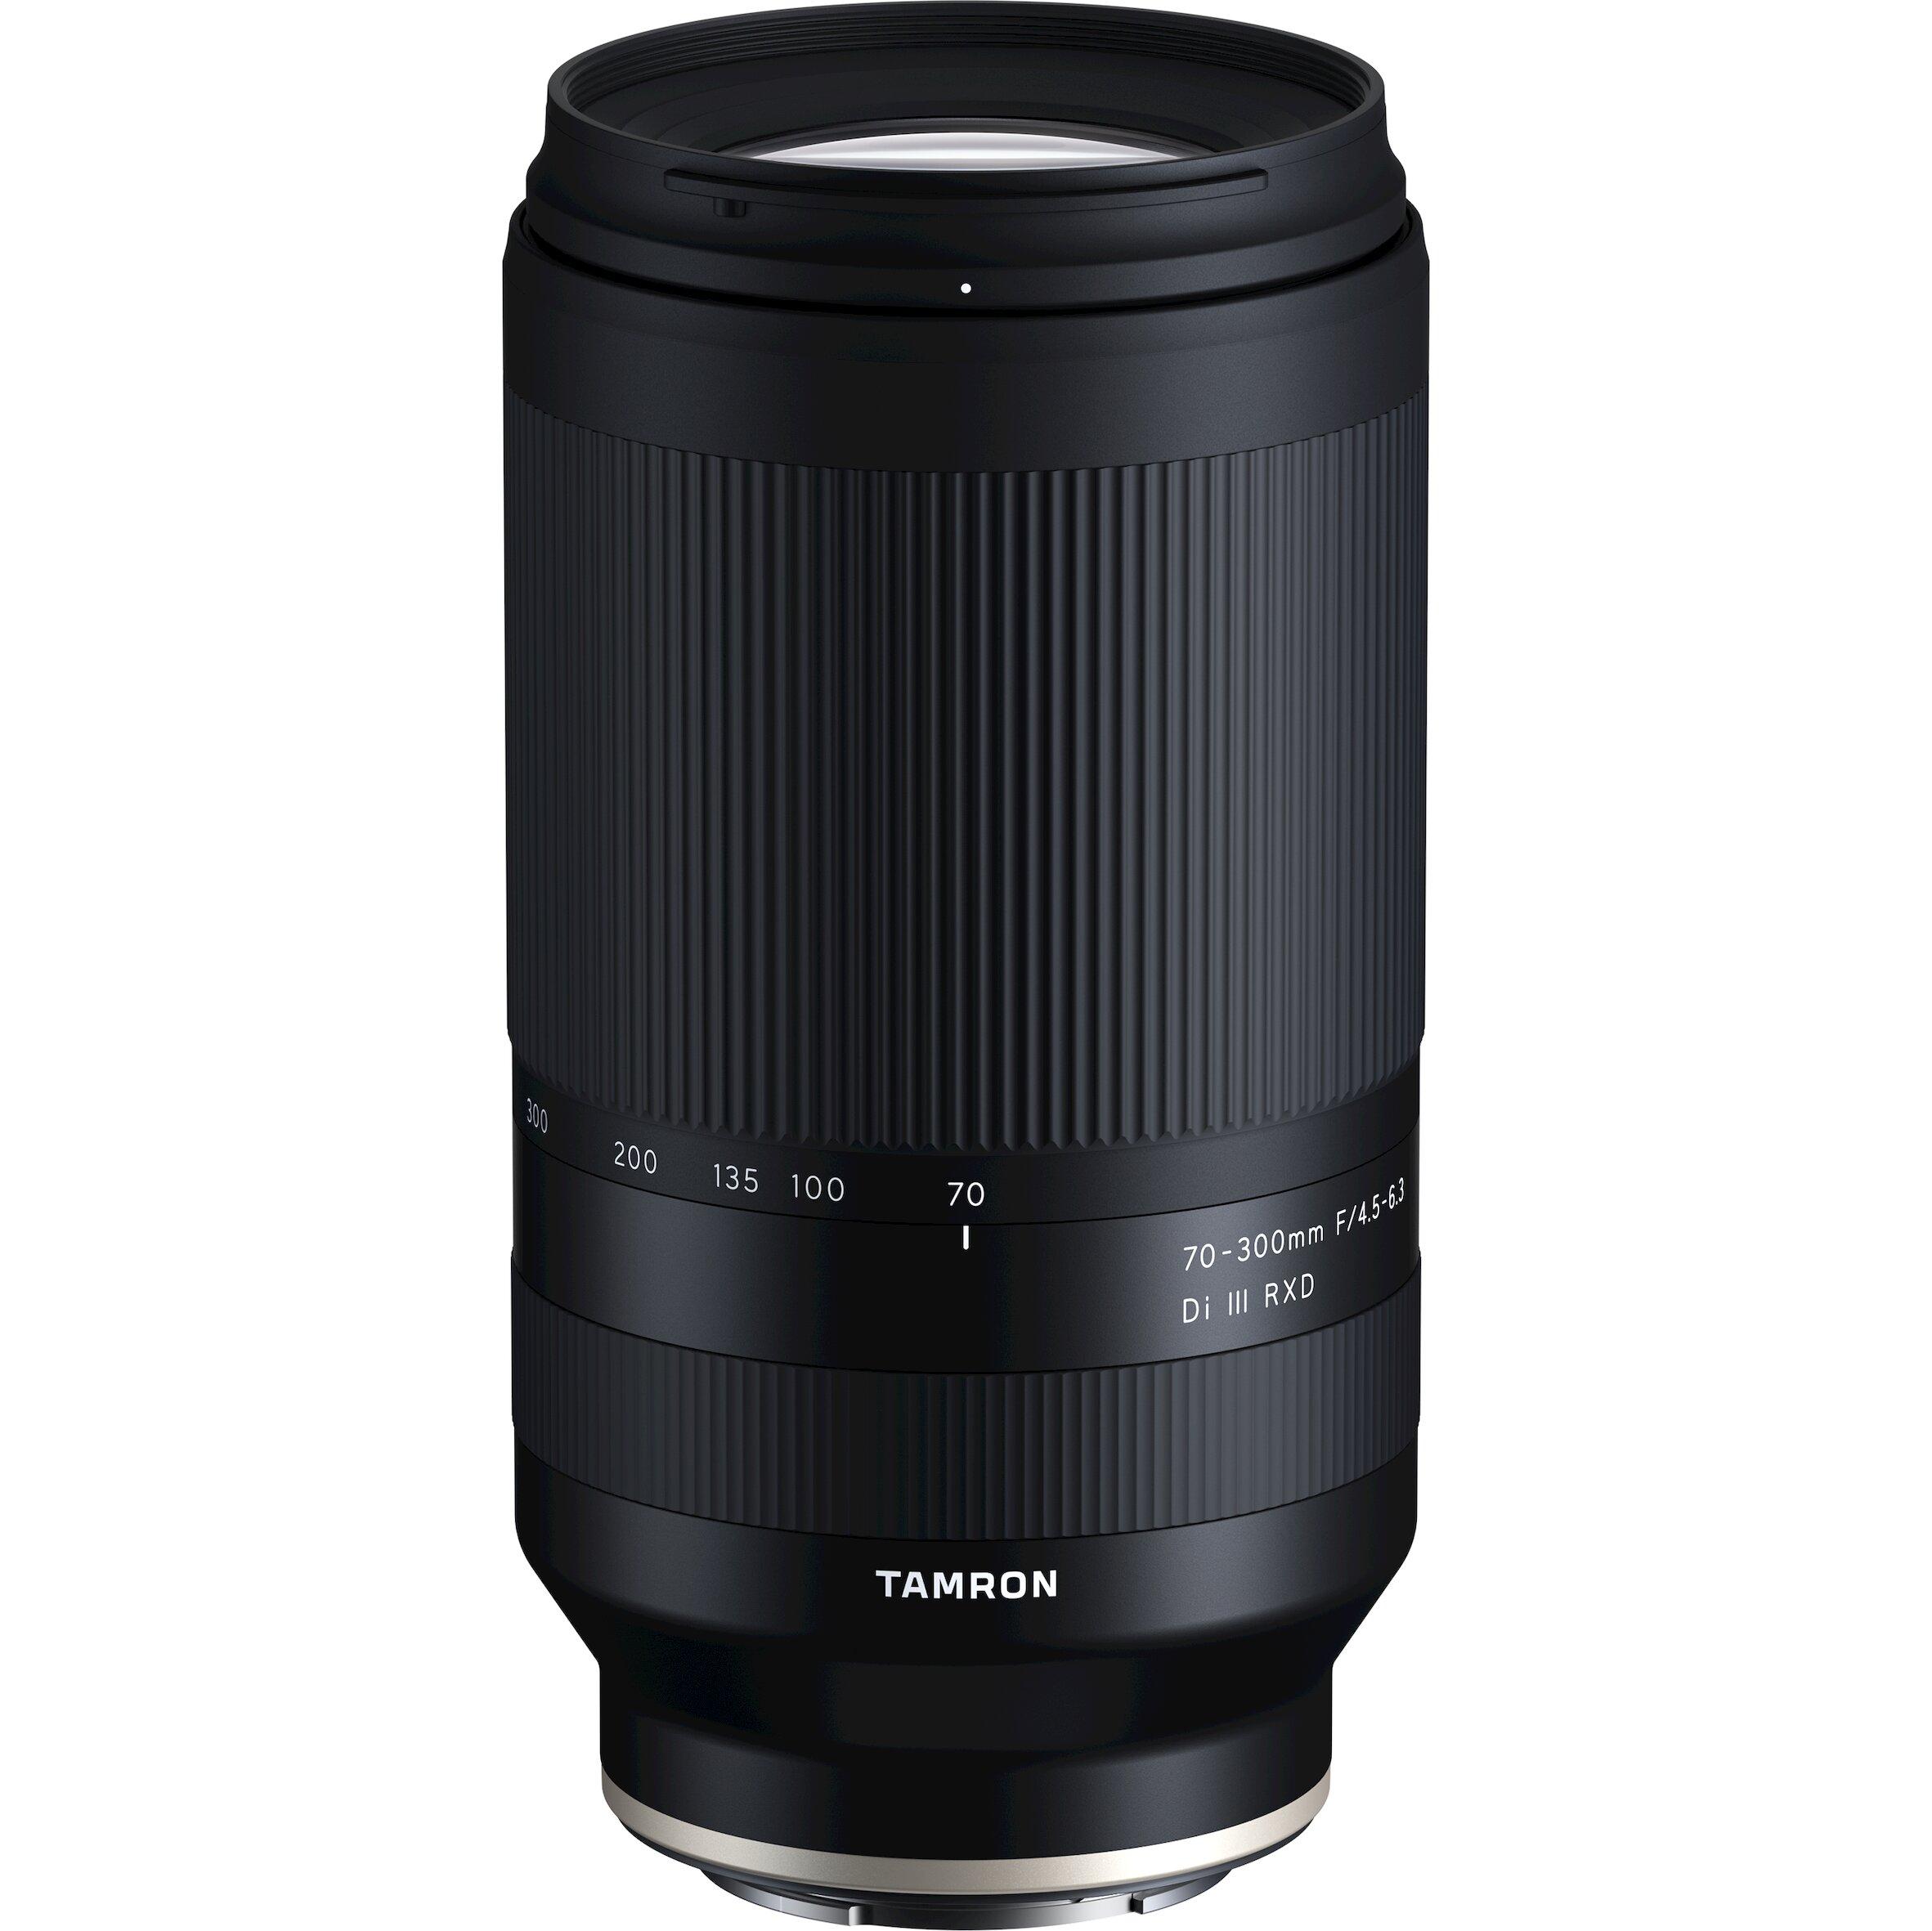 Tamron 70-300mm 1:4,5-6,3 Di III RXD Sony E-mount